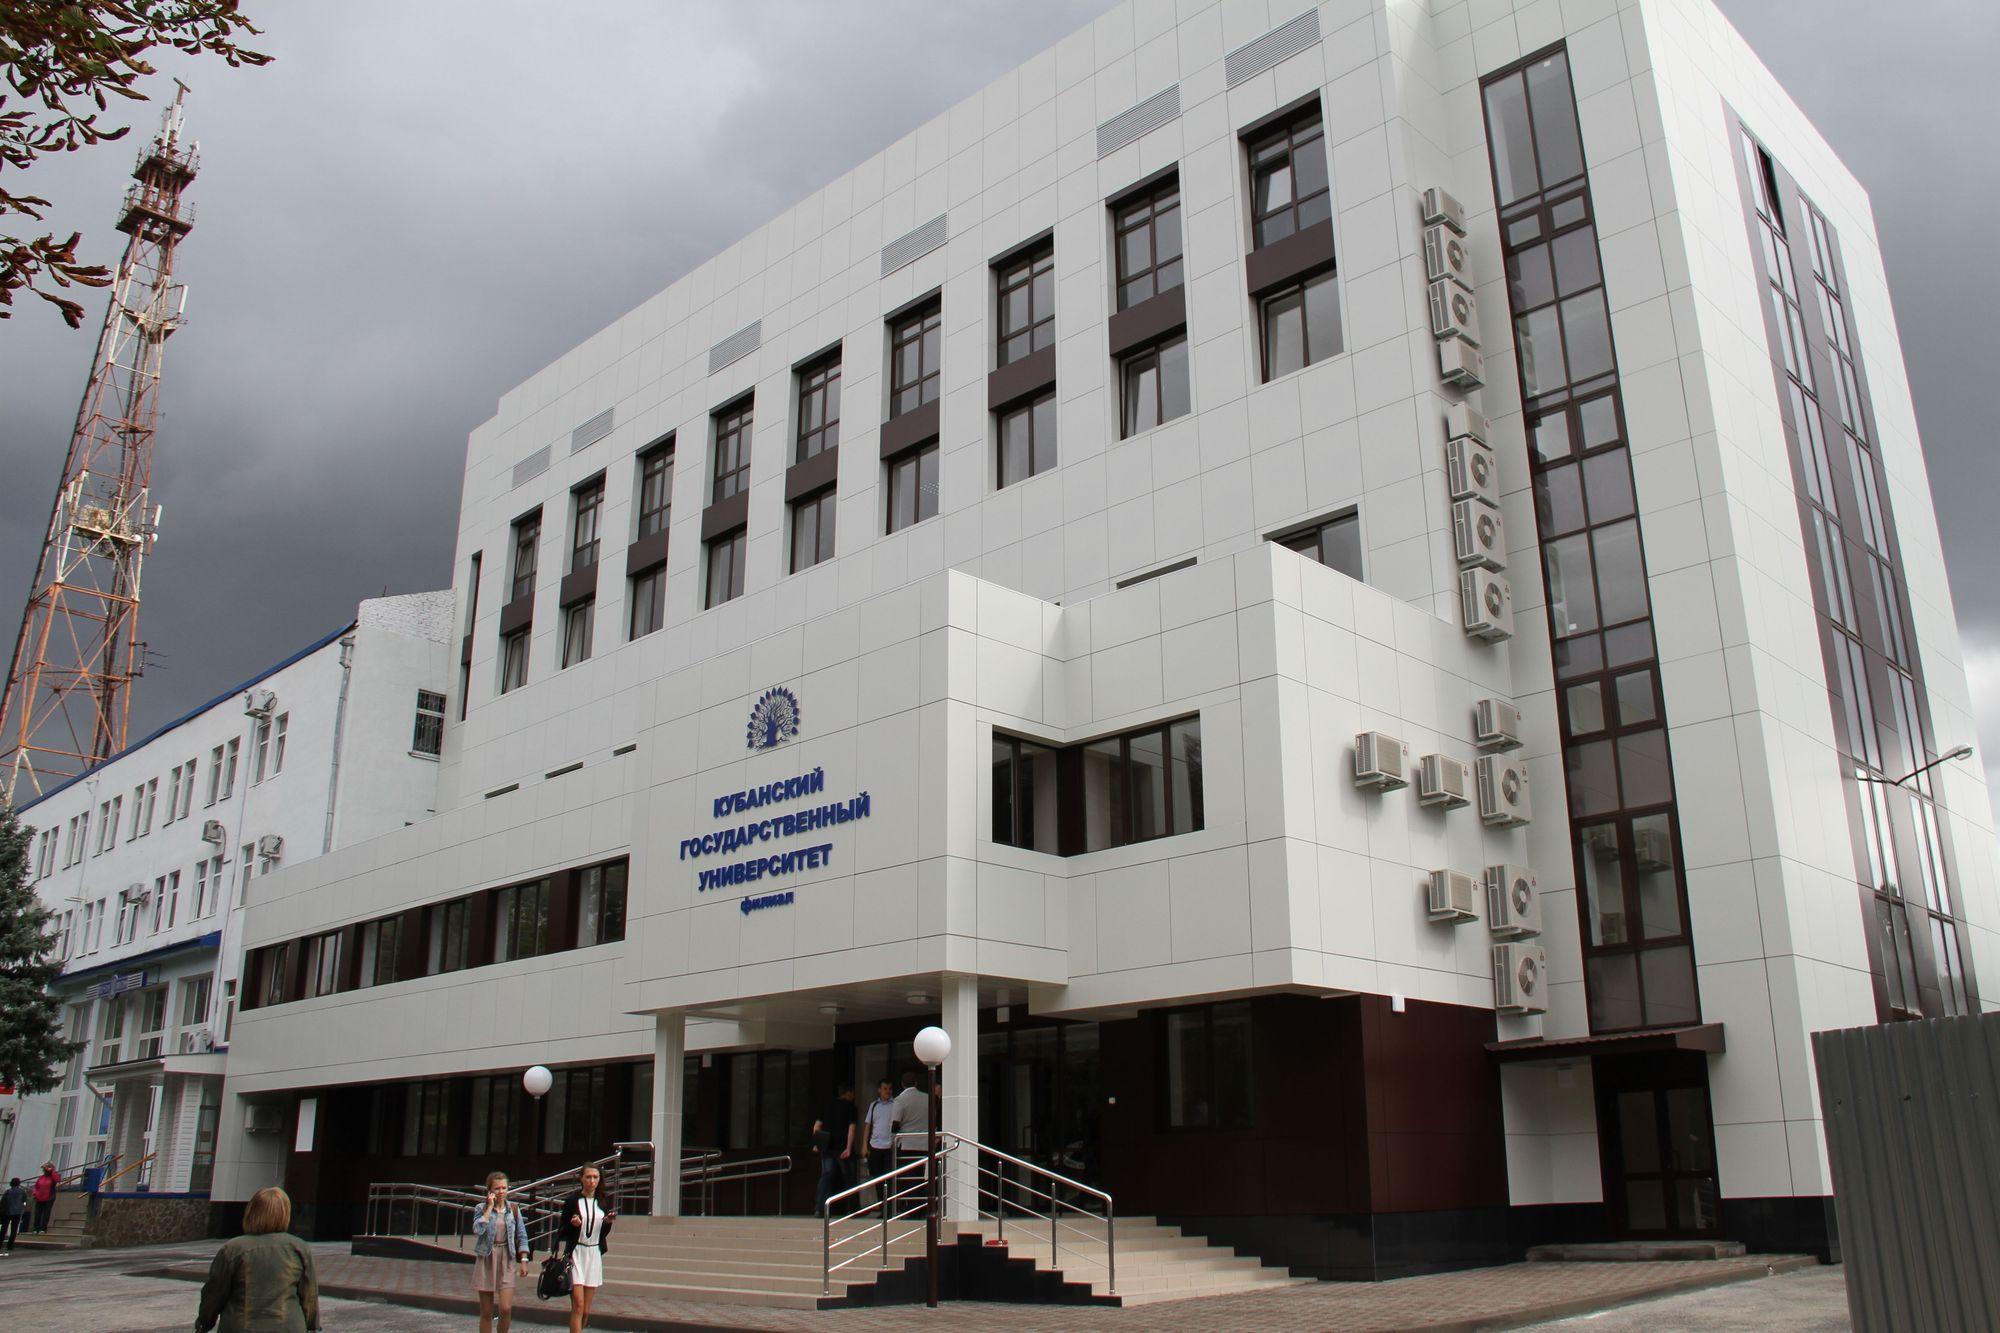 Кубанский государственный университет — филиал в г. Тихорецк